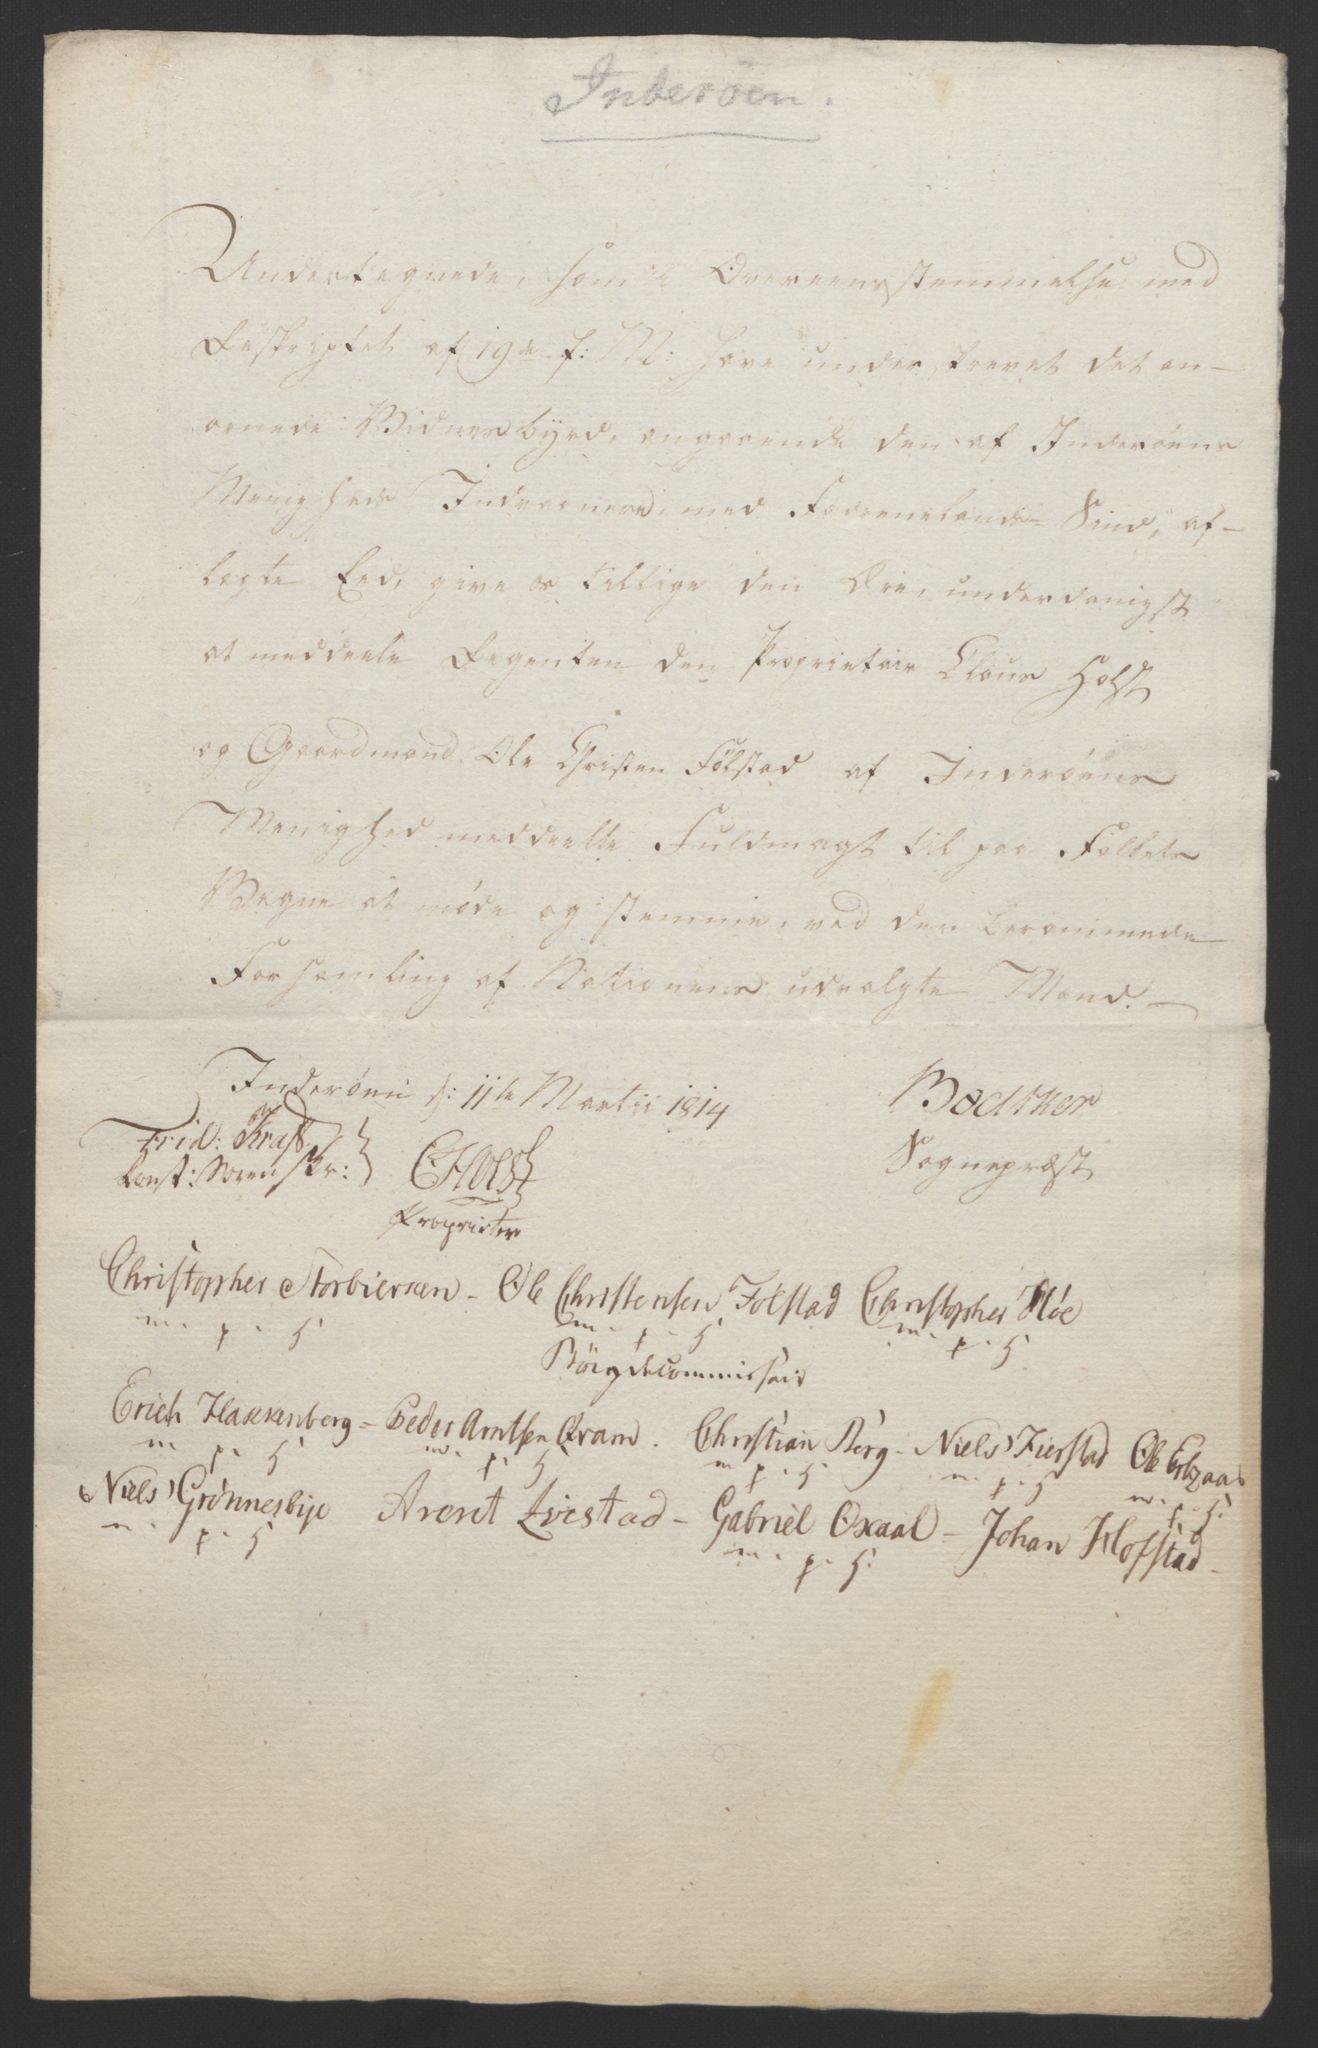 RA, Statsrådssekretariatet, D/Db/L0008: Fullmakter for Eidsvollsrepresentantene i 1814. , 1814, s. 470